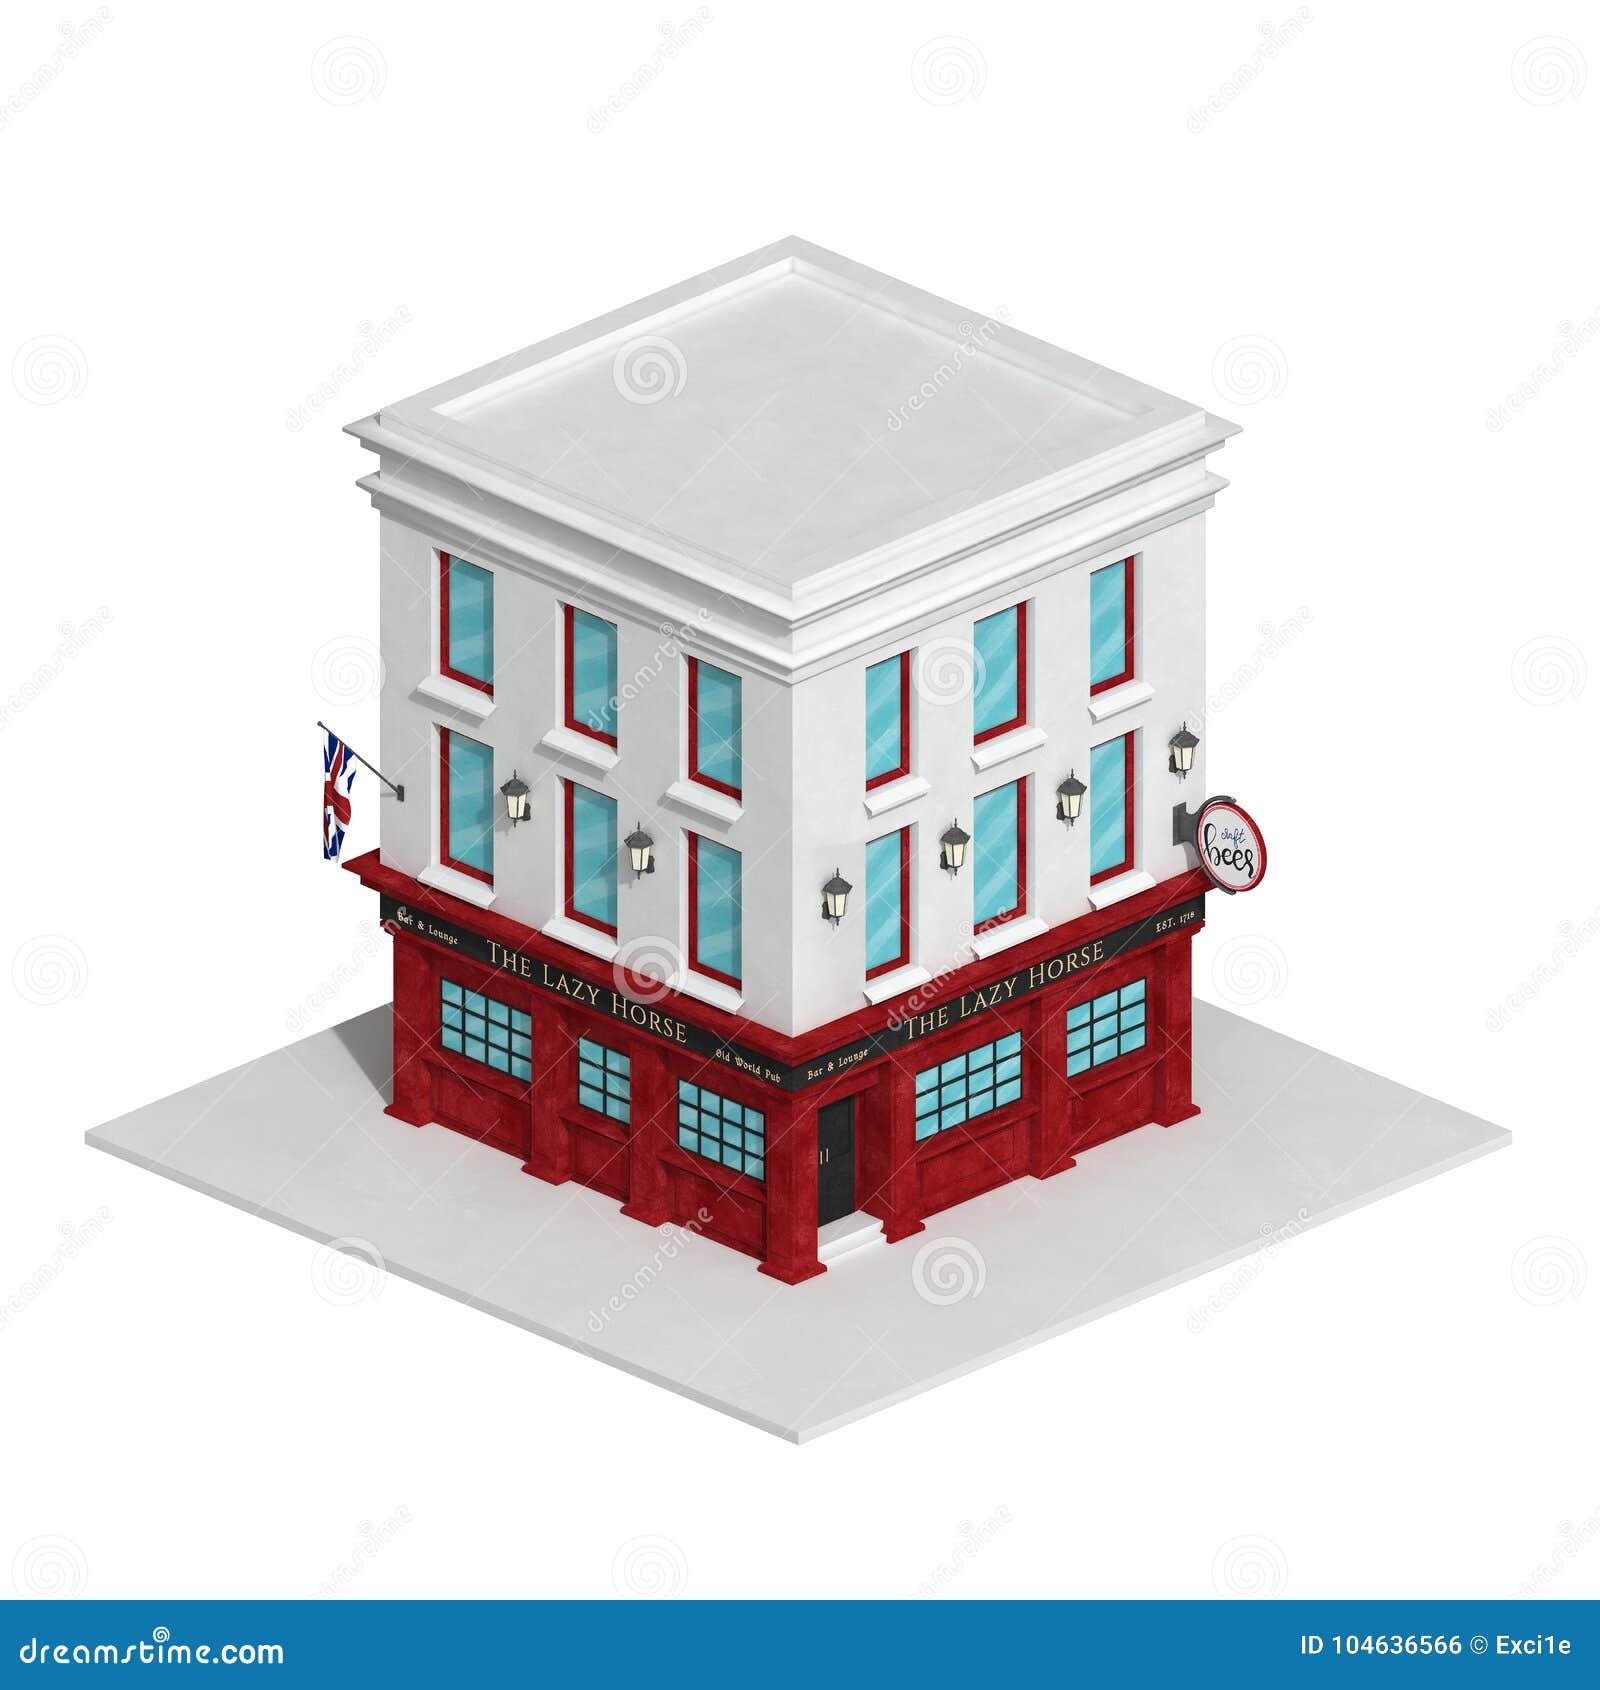 Download De Engelse Die Barbouw Op Witte Achtergrond Wordt Geïsoleerd Stock Illustratie - Illustratie bestaande uit openbaar, architectuur: 104636566